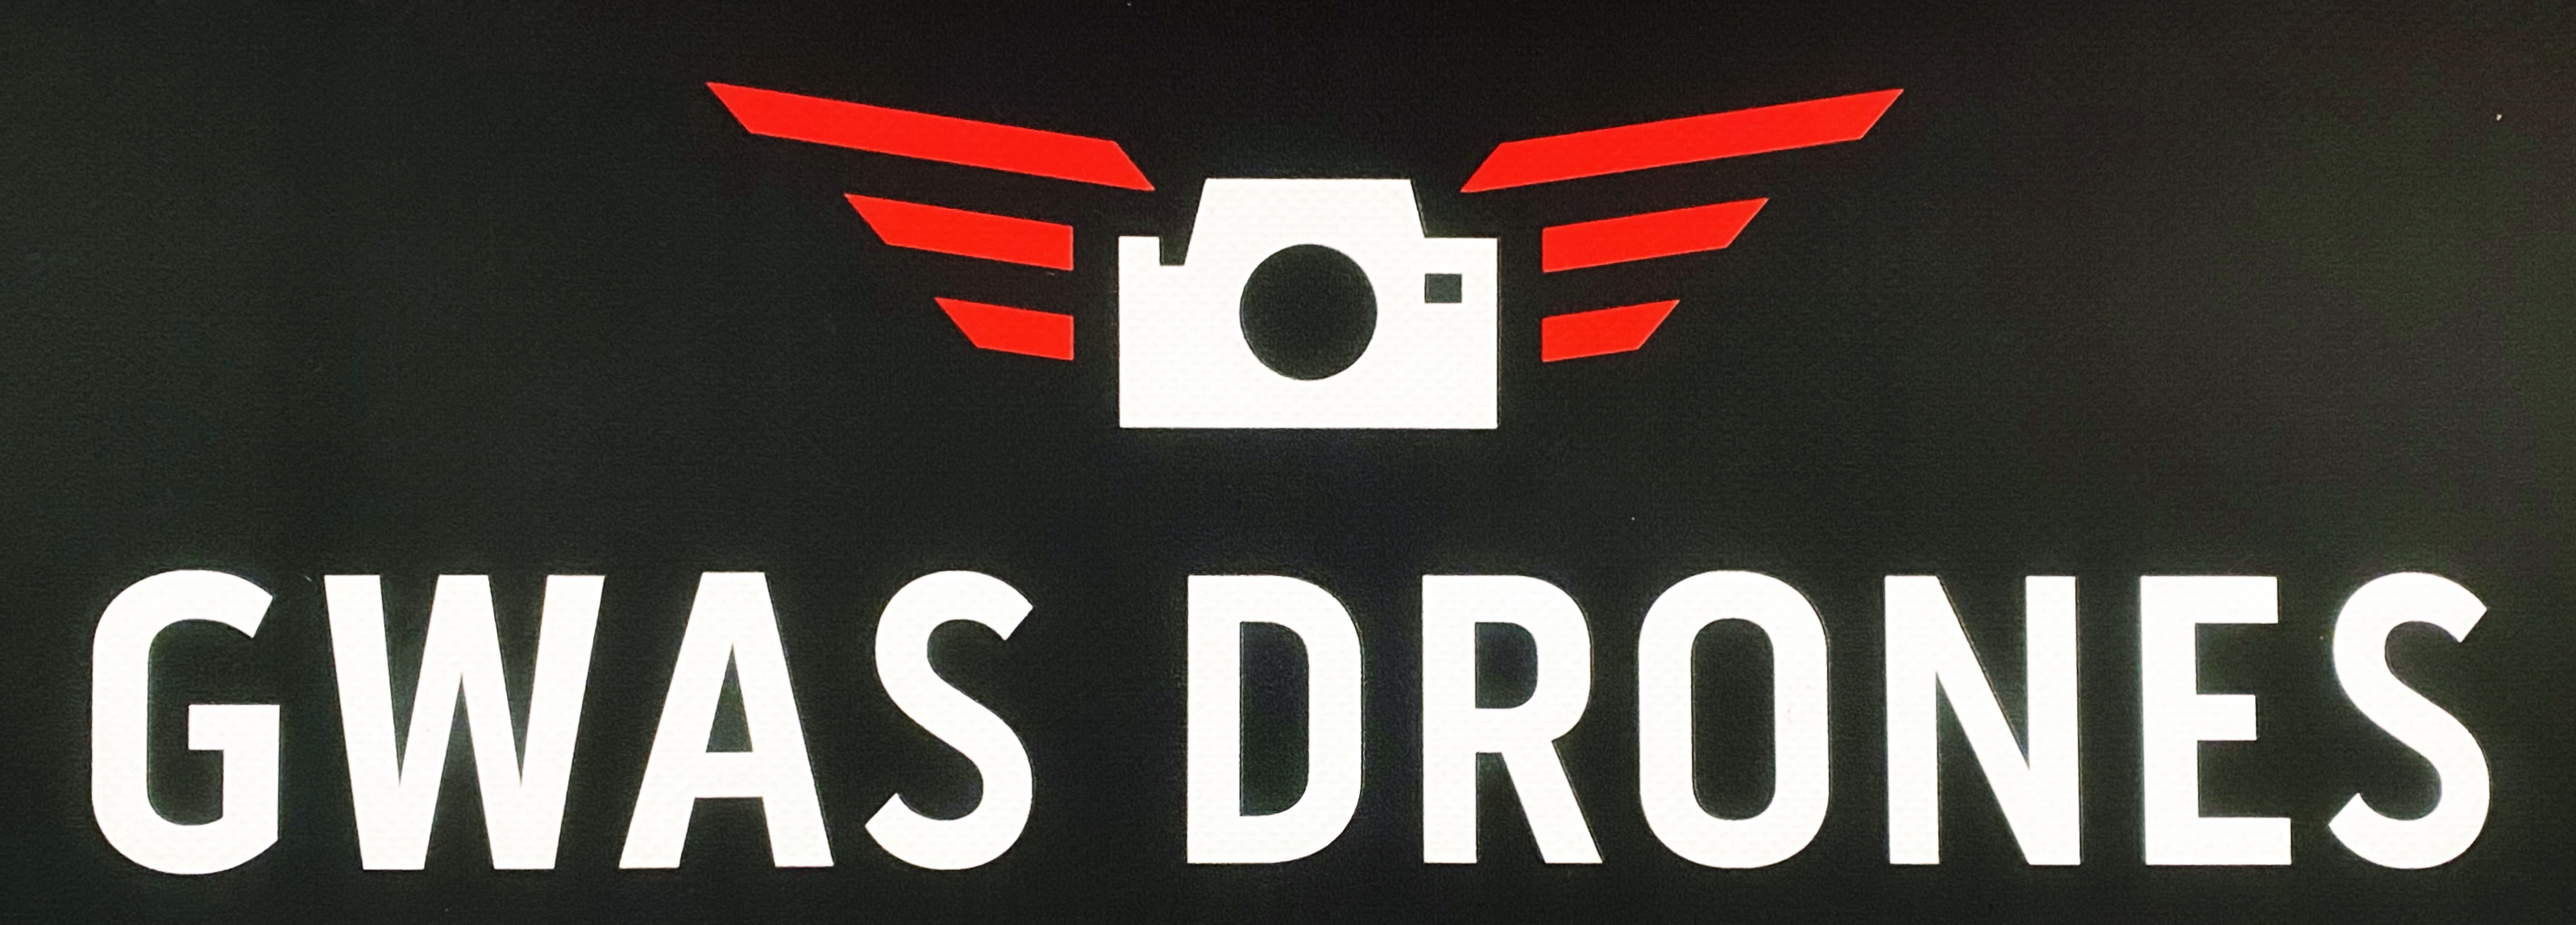 GWAS Drones